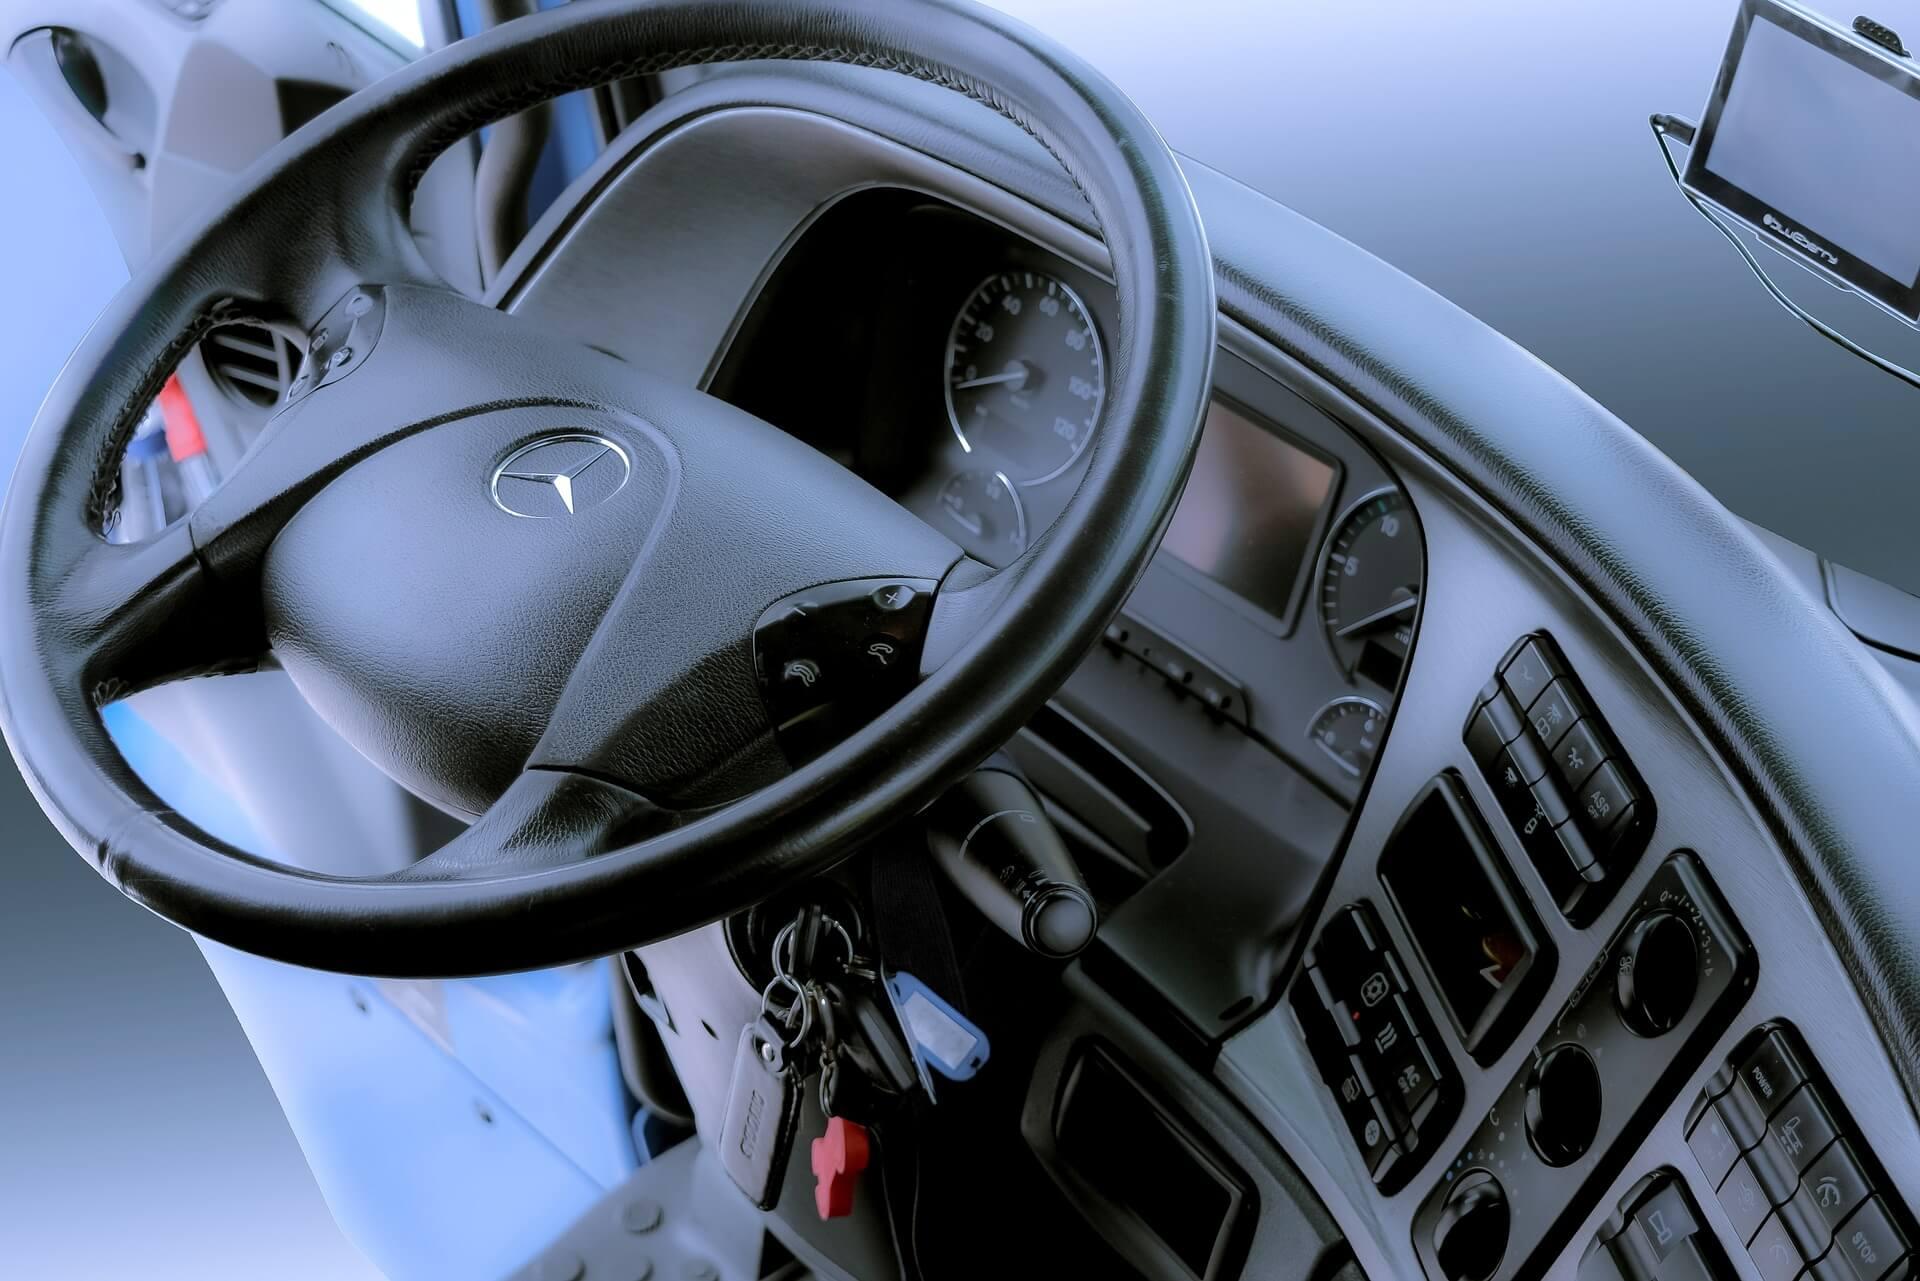 cabina conducción eficiente camiones